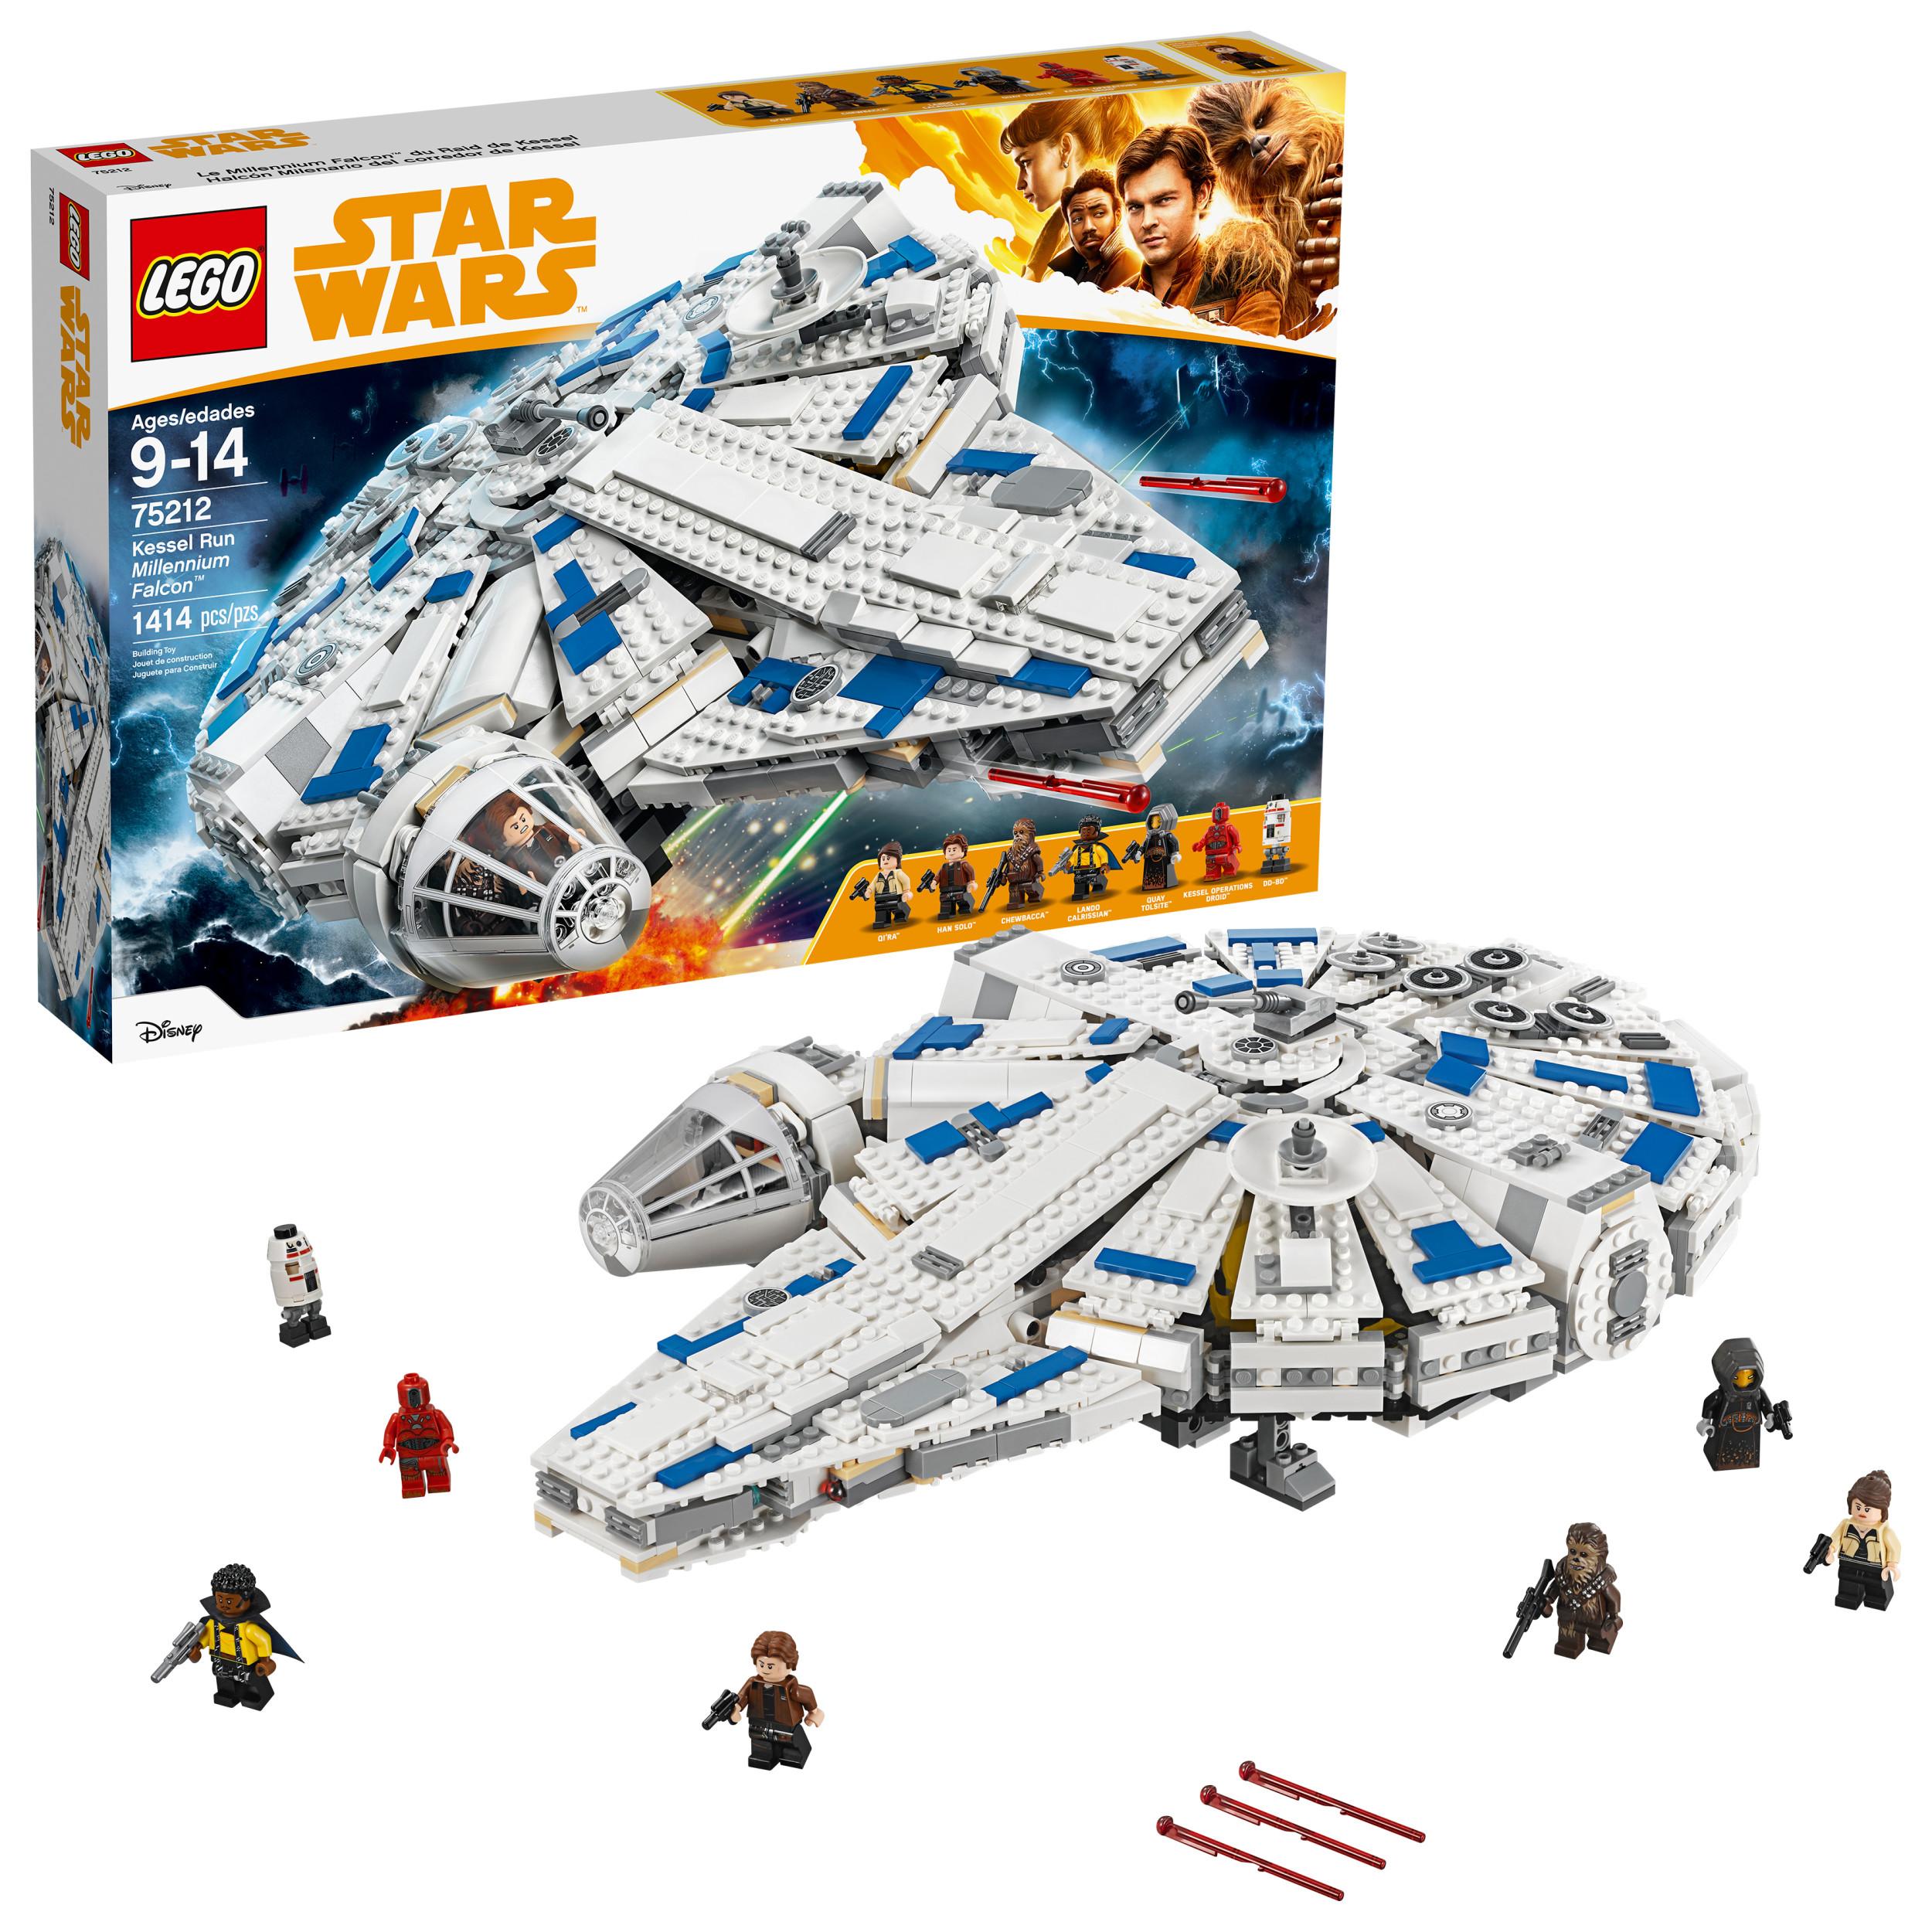 Lego Star Wars Kessel Run Millennium Falcon @Walmart B&M Normally $169.99 now $79.99 - 53% off YMMV